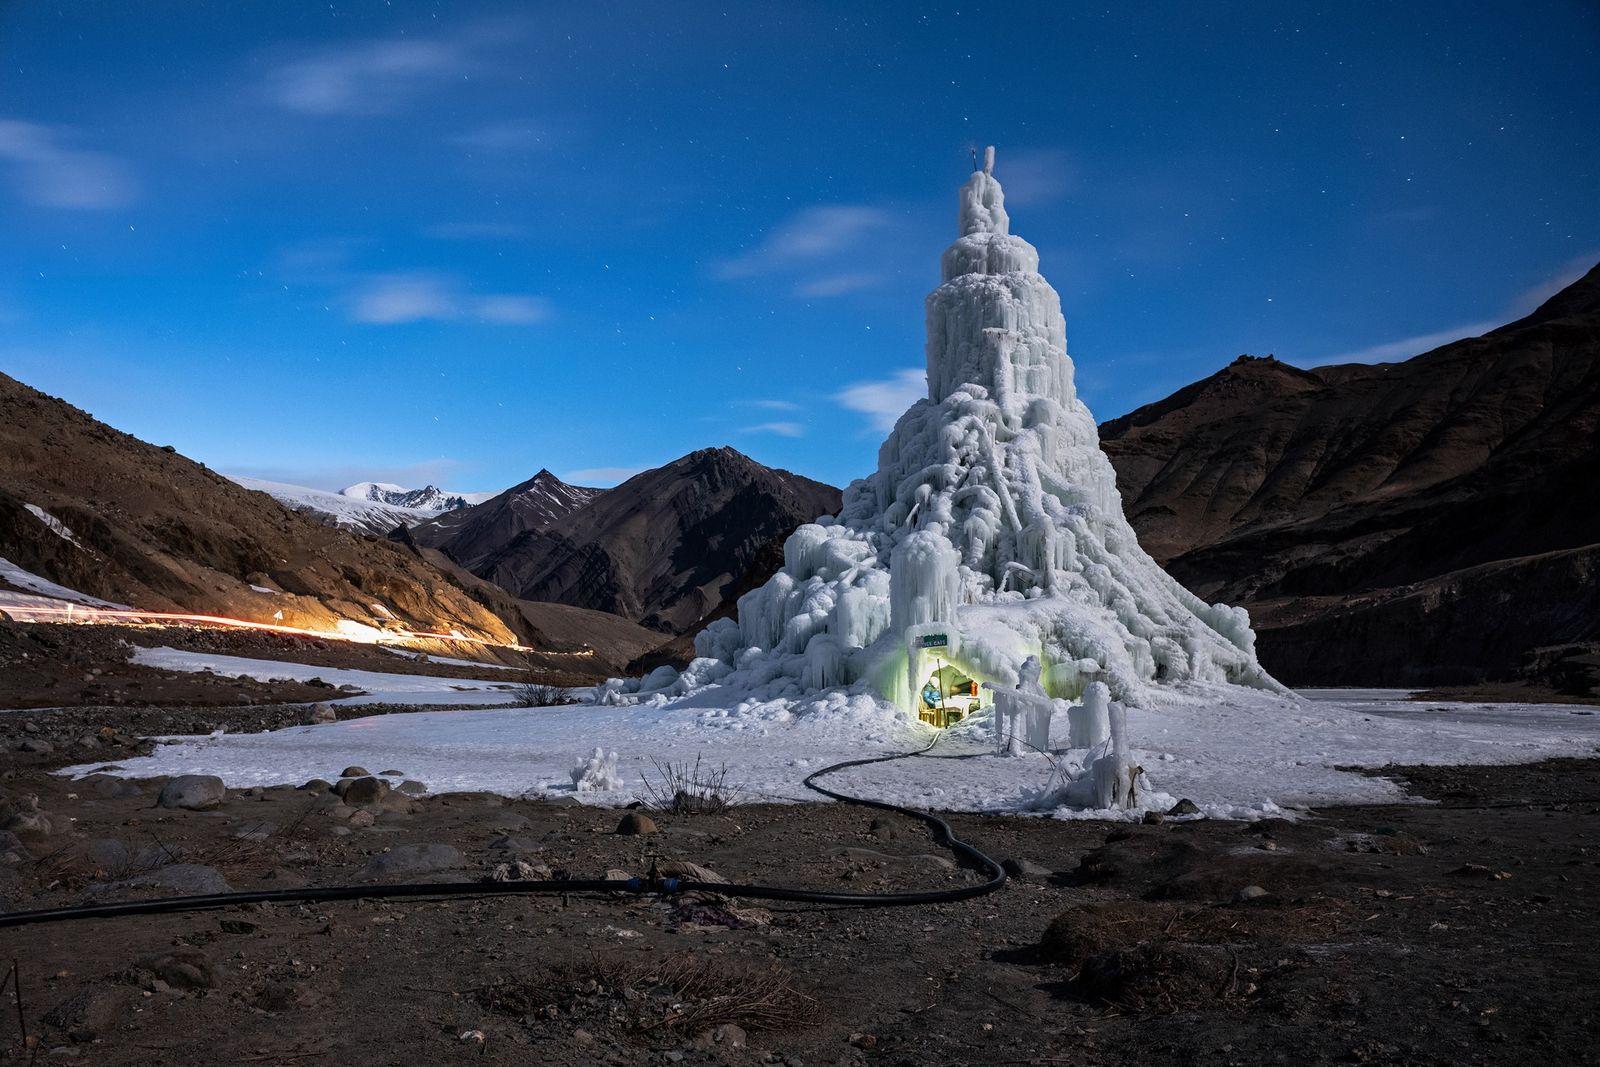 Uma Forma de Combater as Alterações Climáticas: Criar os Próprios Glaciares.